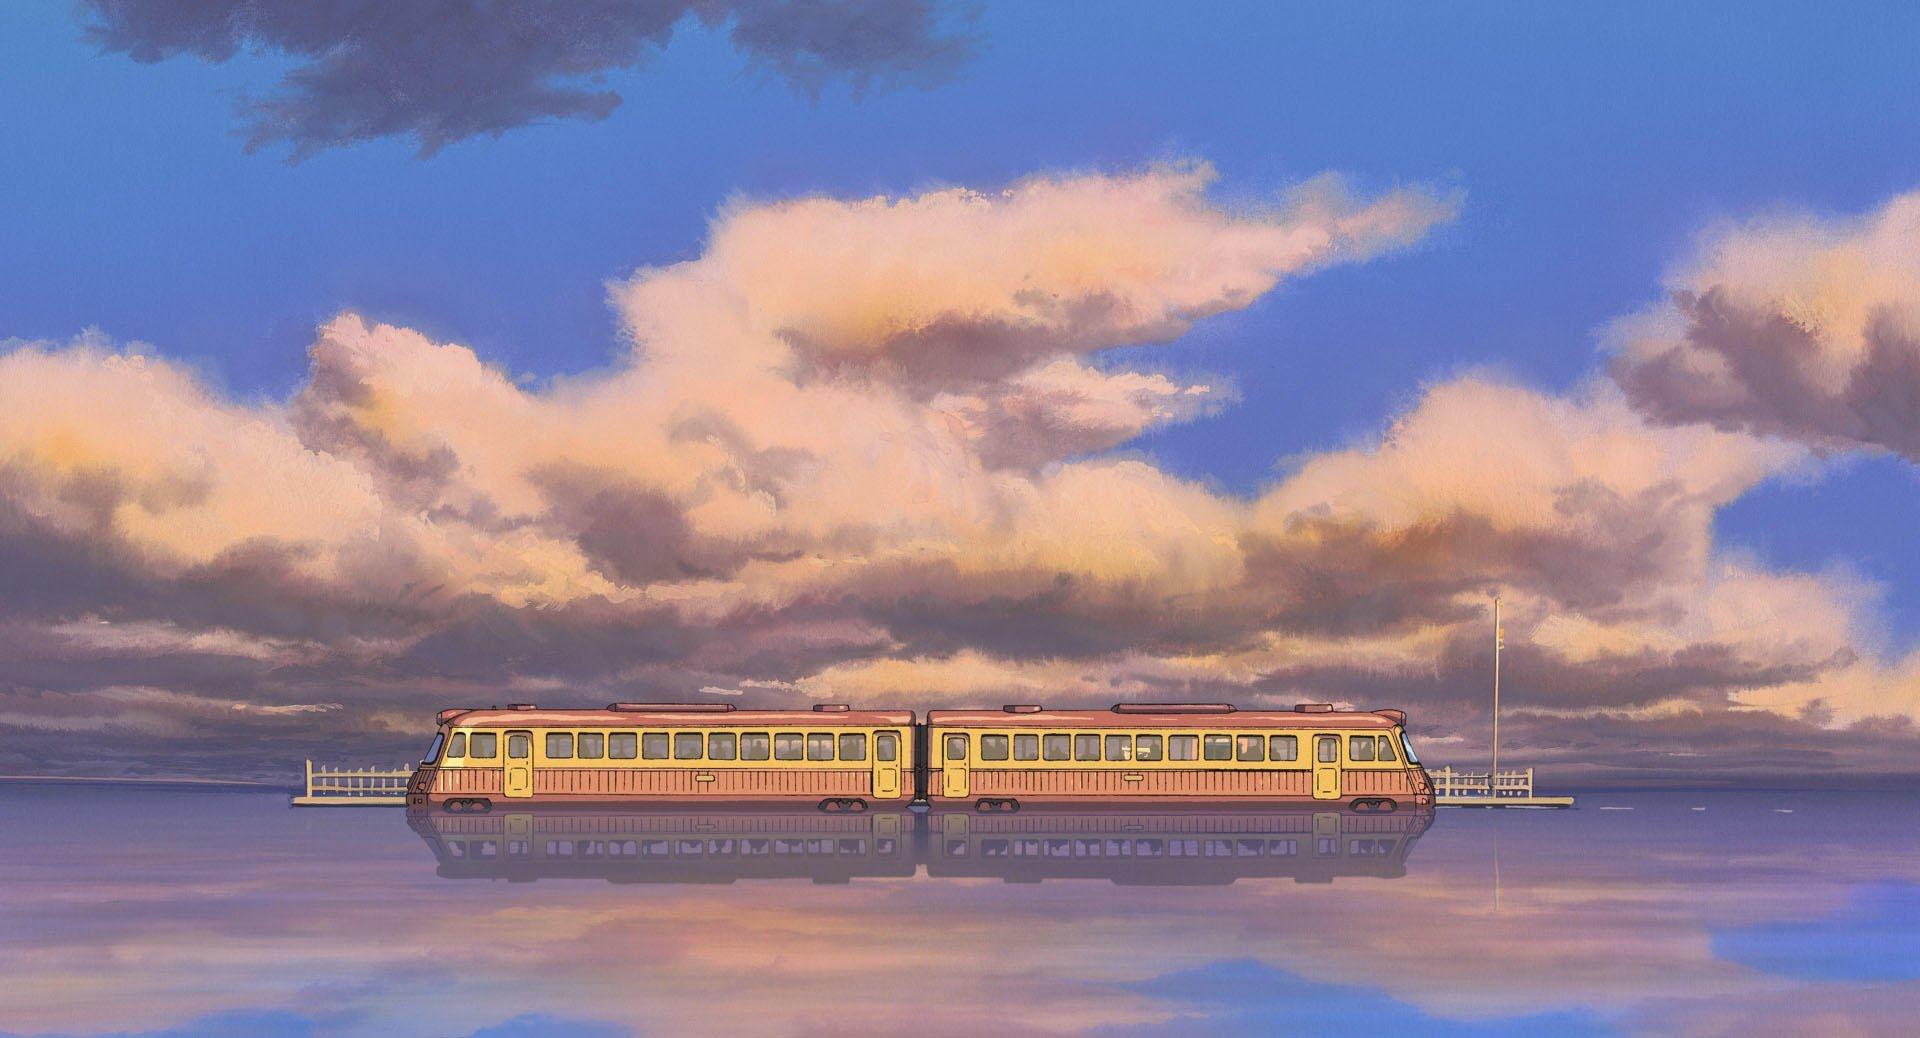 Imagen tomada de 'Sen to Chihiro no Kamikakushi' con un plano lejano del tren que lllleva a Chihiro y sus amigos hasta la casa de la.hermna de Yubaba.